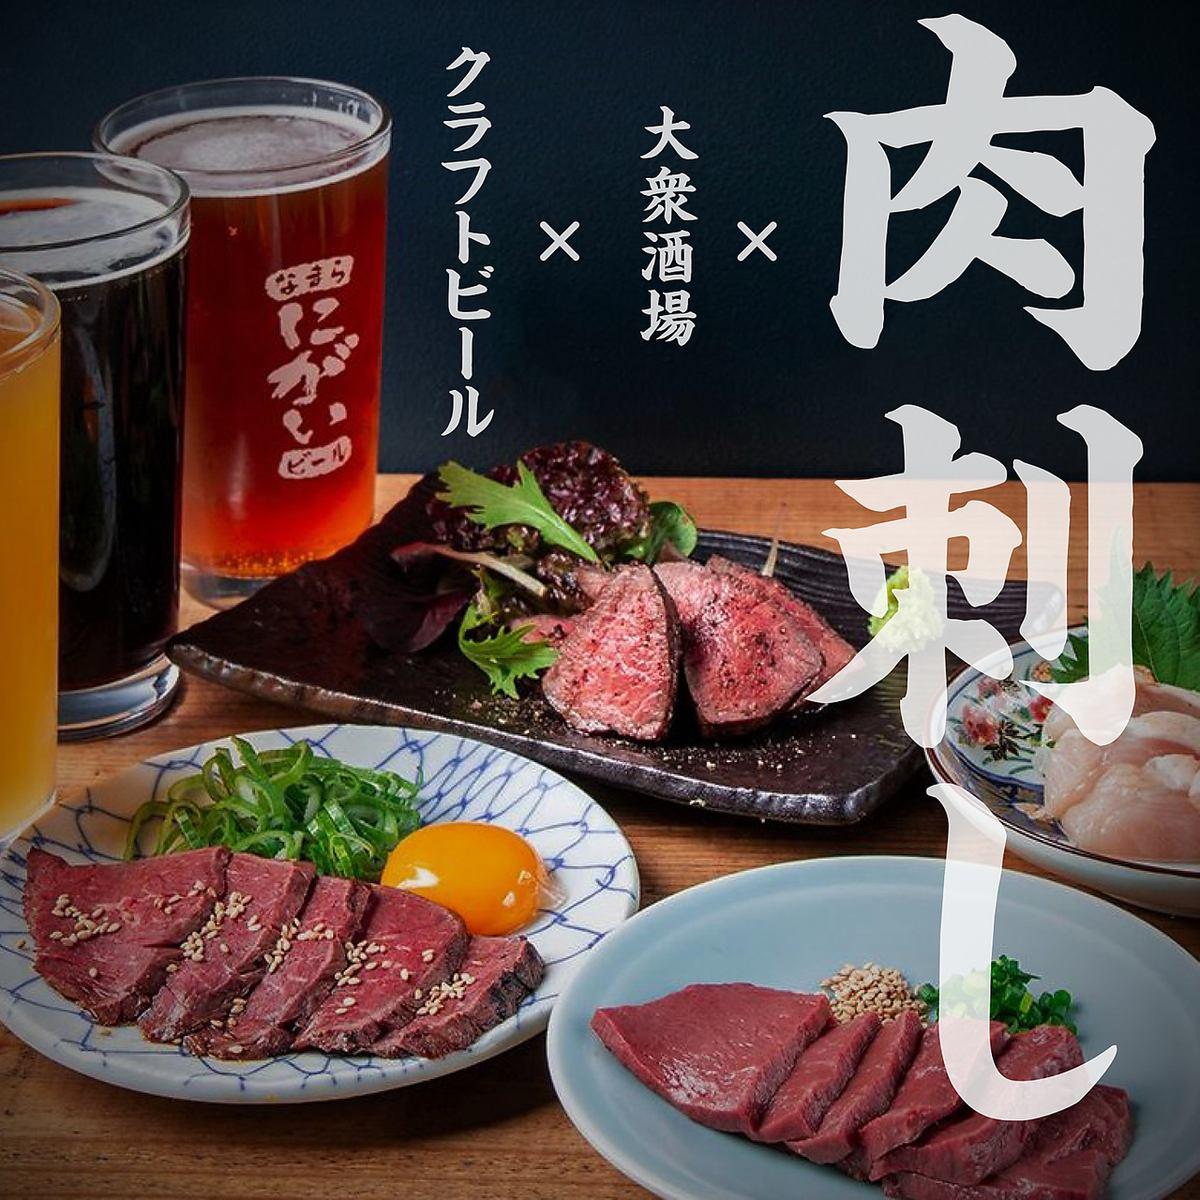 北海道産の肉刺し、肉寿司、ステーキと北海道とポートランドのクラフトビールのお店!